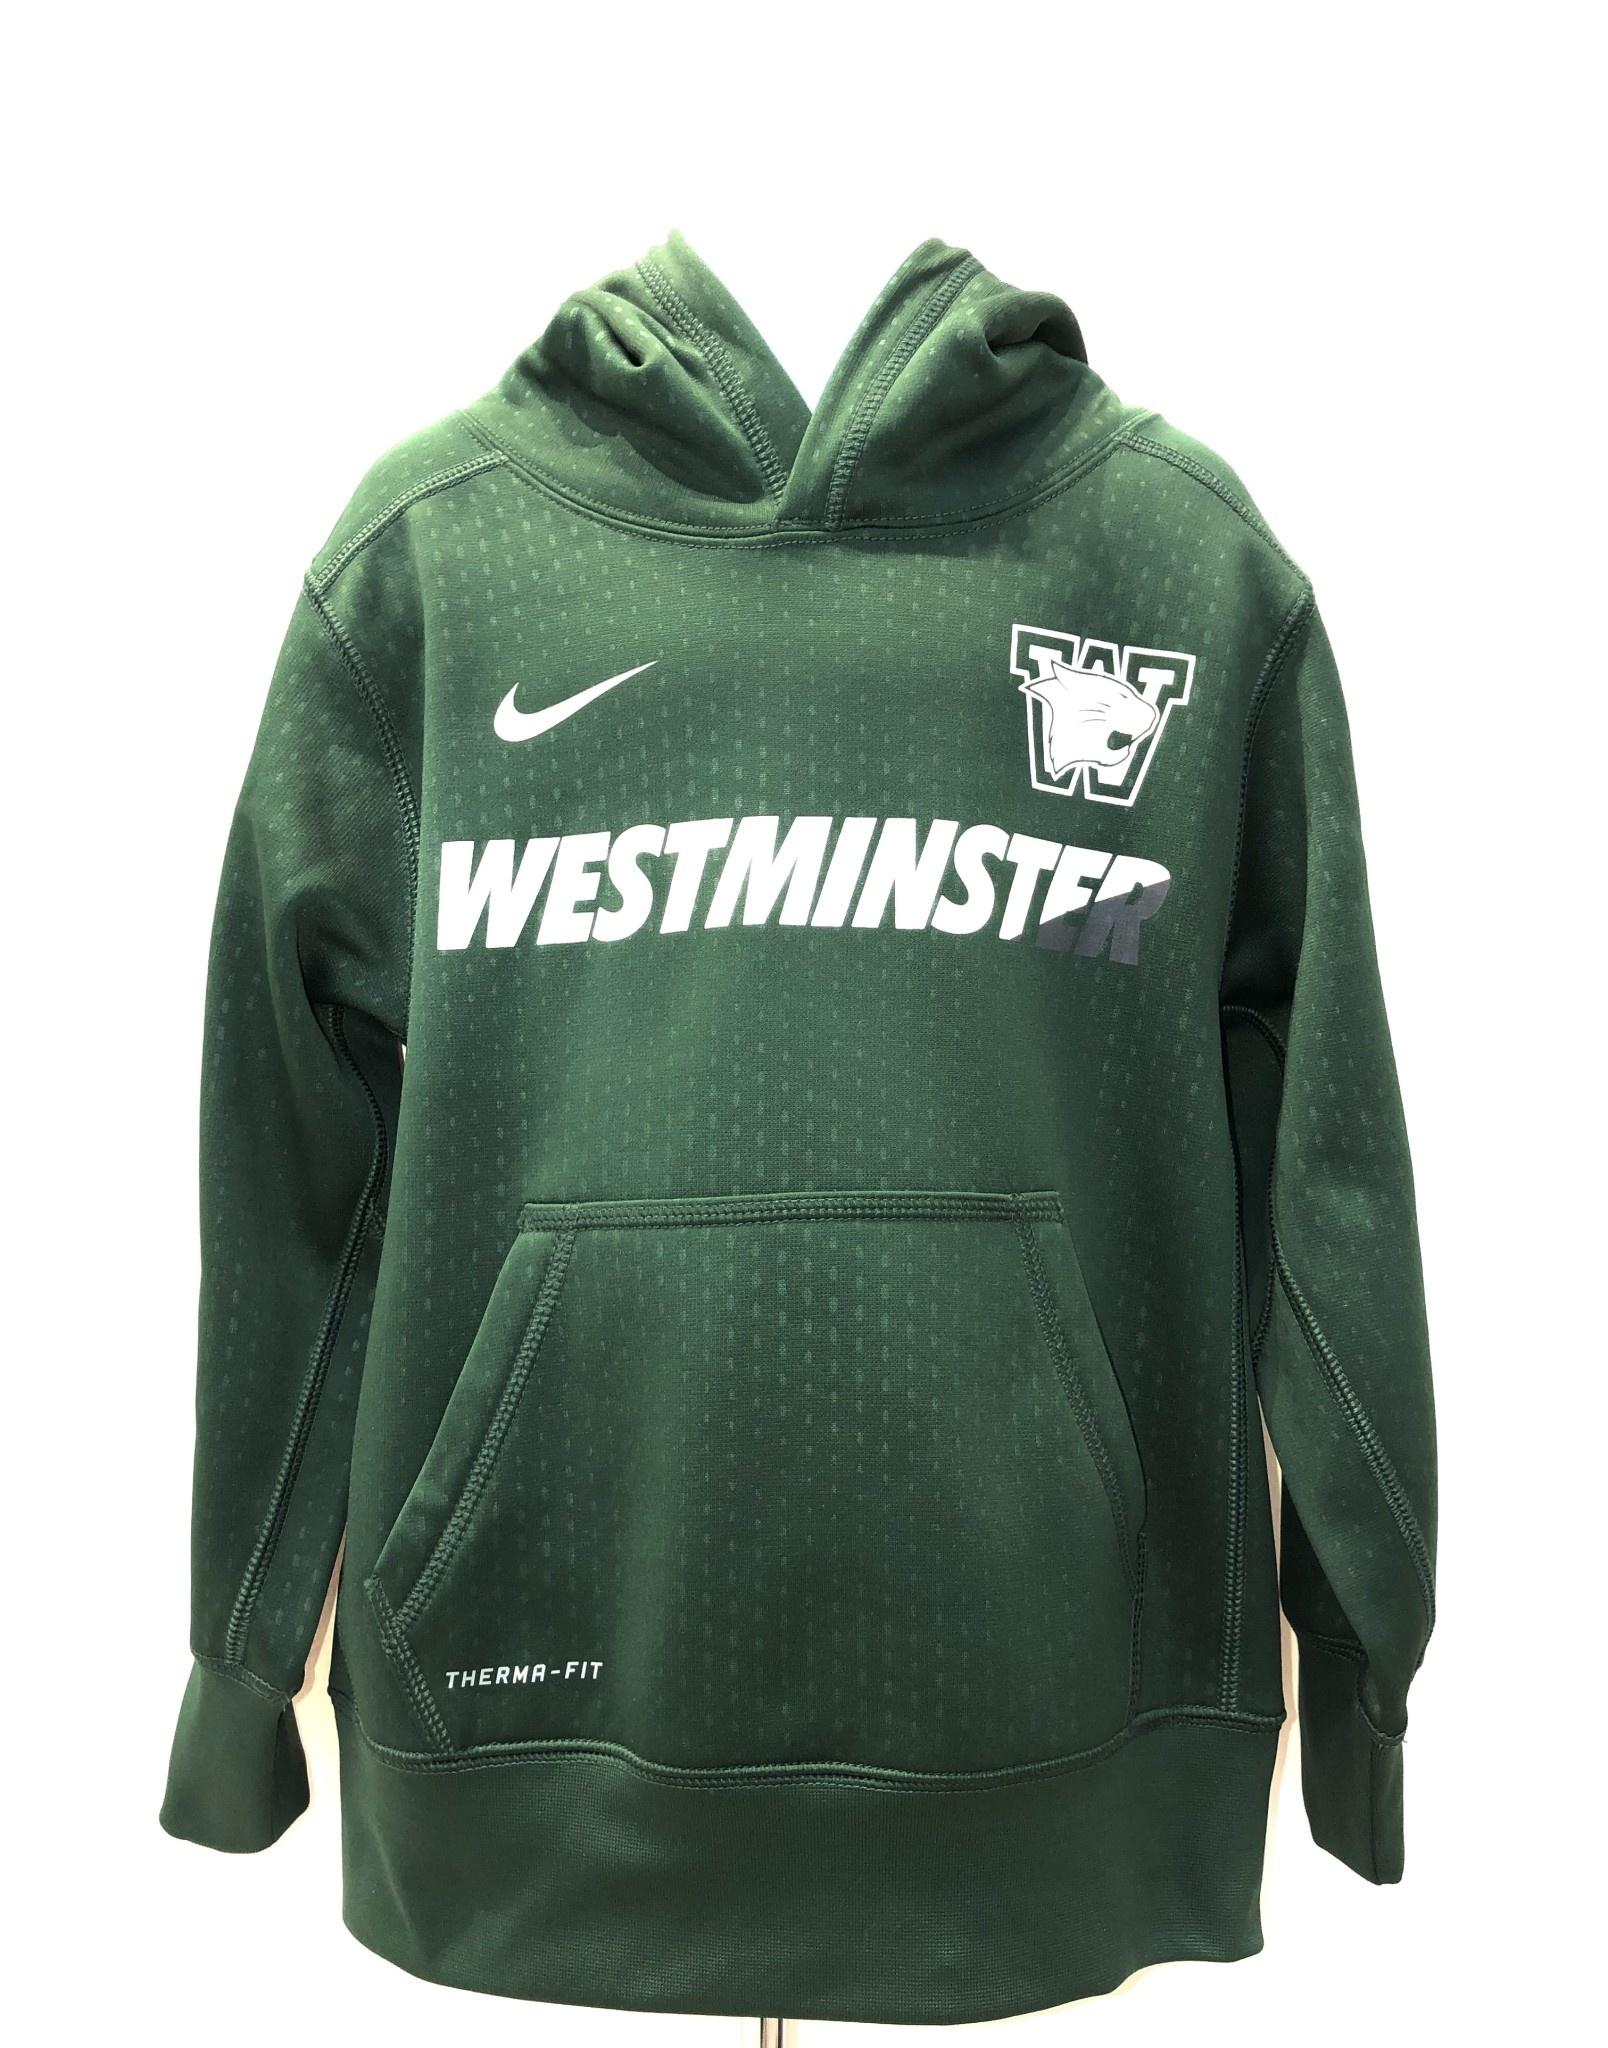 Nike Sweatshirt: Nike  Boys Green Sideline Embossed KO Hoody Westminster in 2-tone